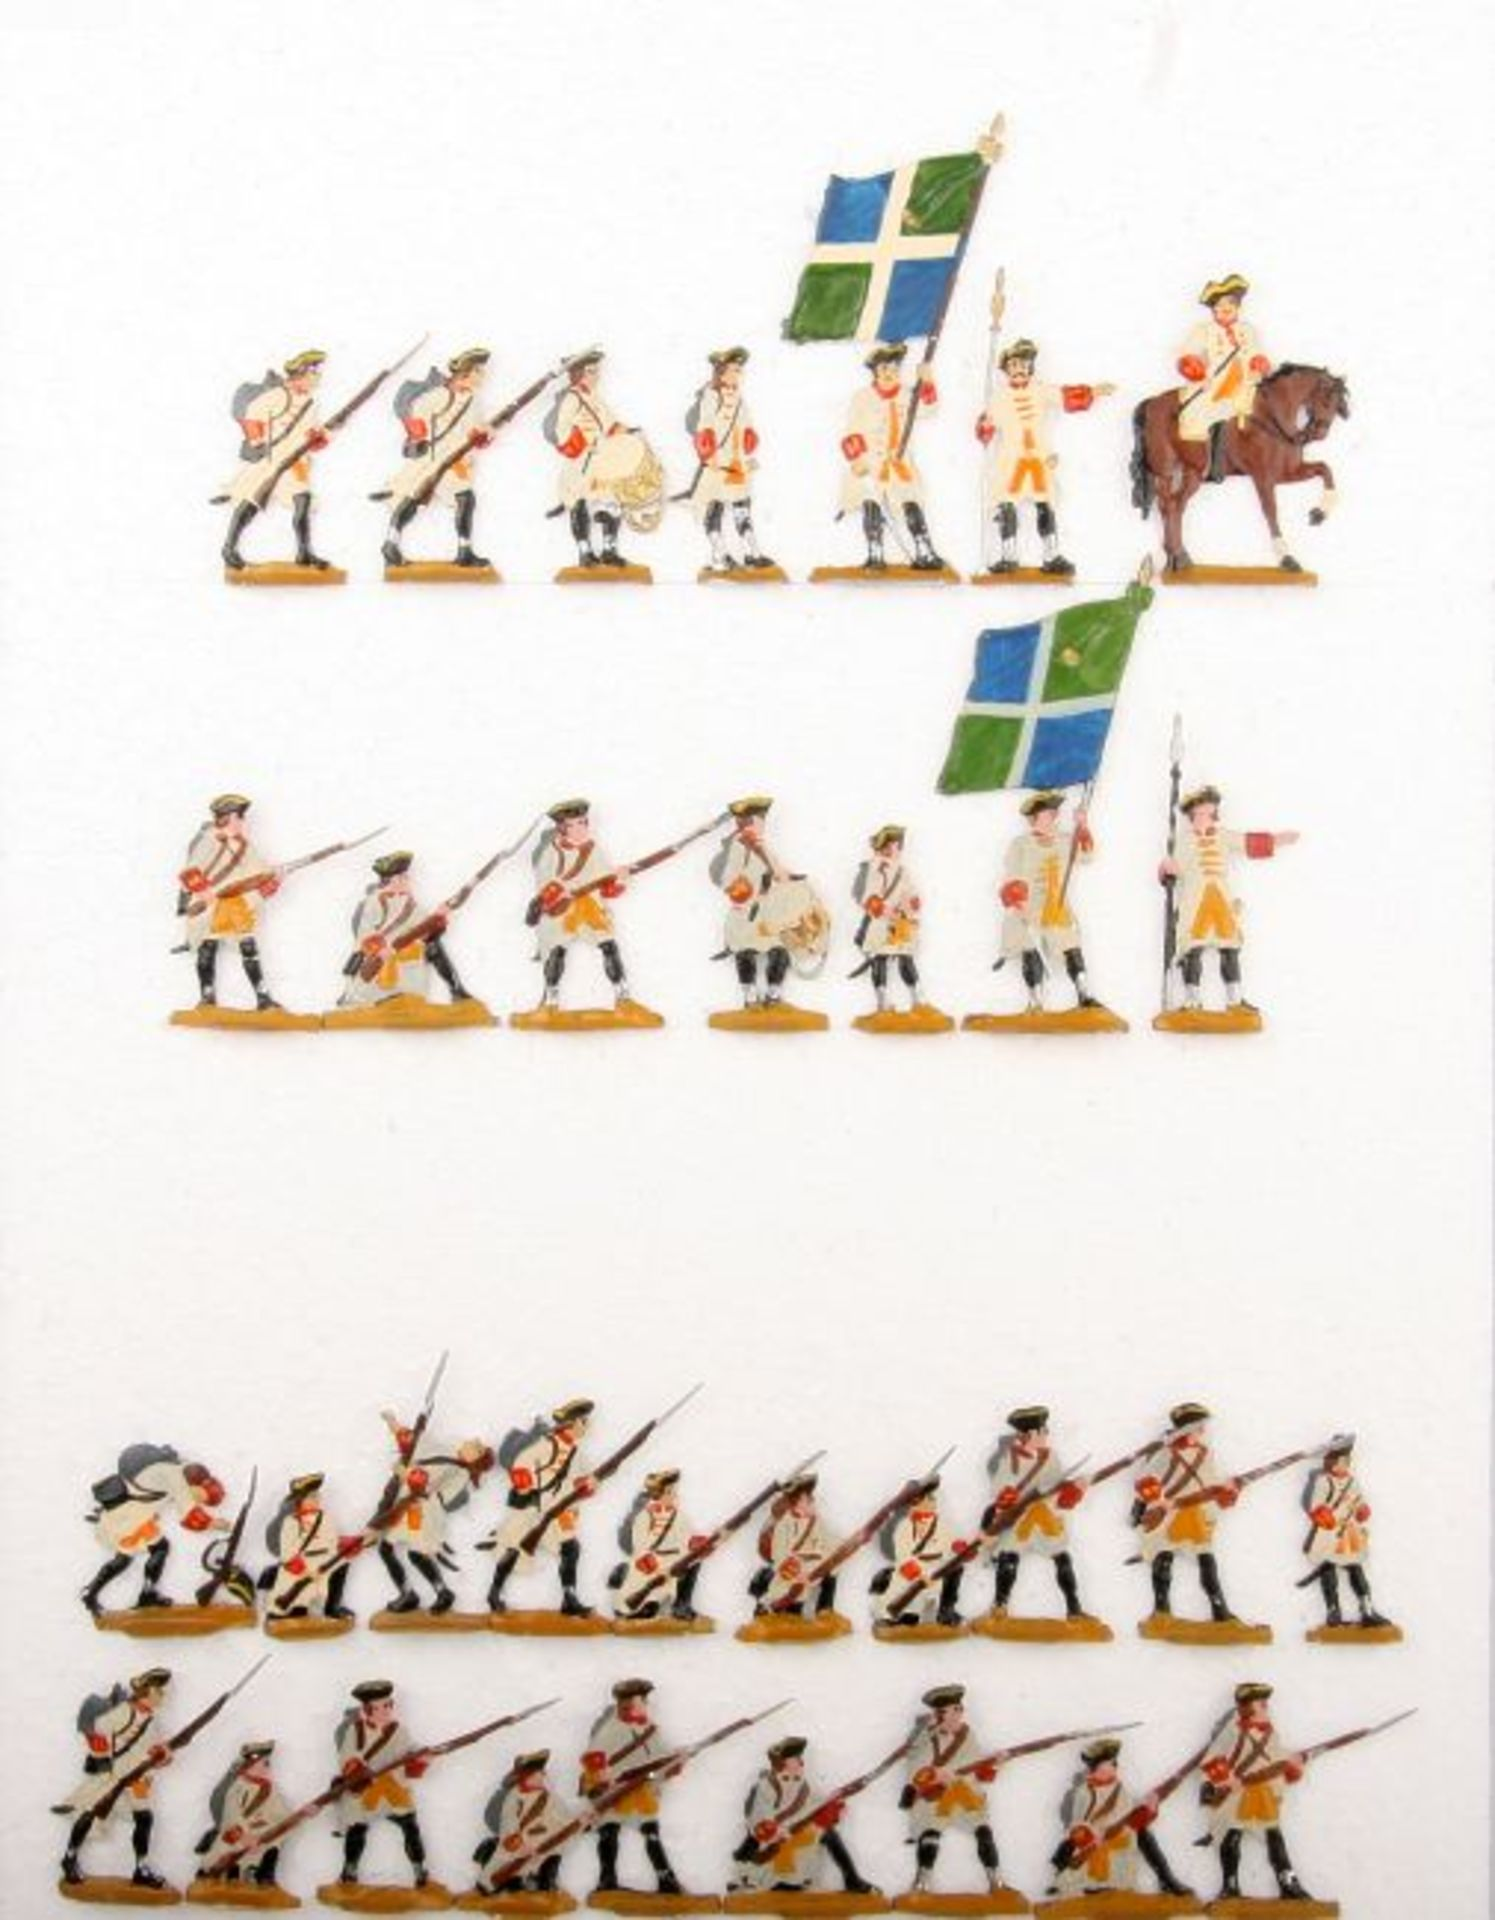 Frankreich um 1760, Infanterie-Regiment La Marine, Musketiere im Karree, Kieler Zinnfiguren,